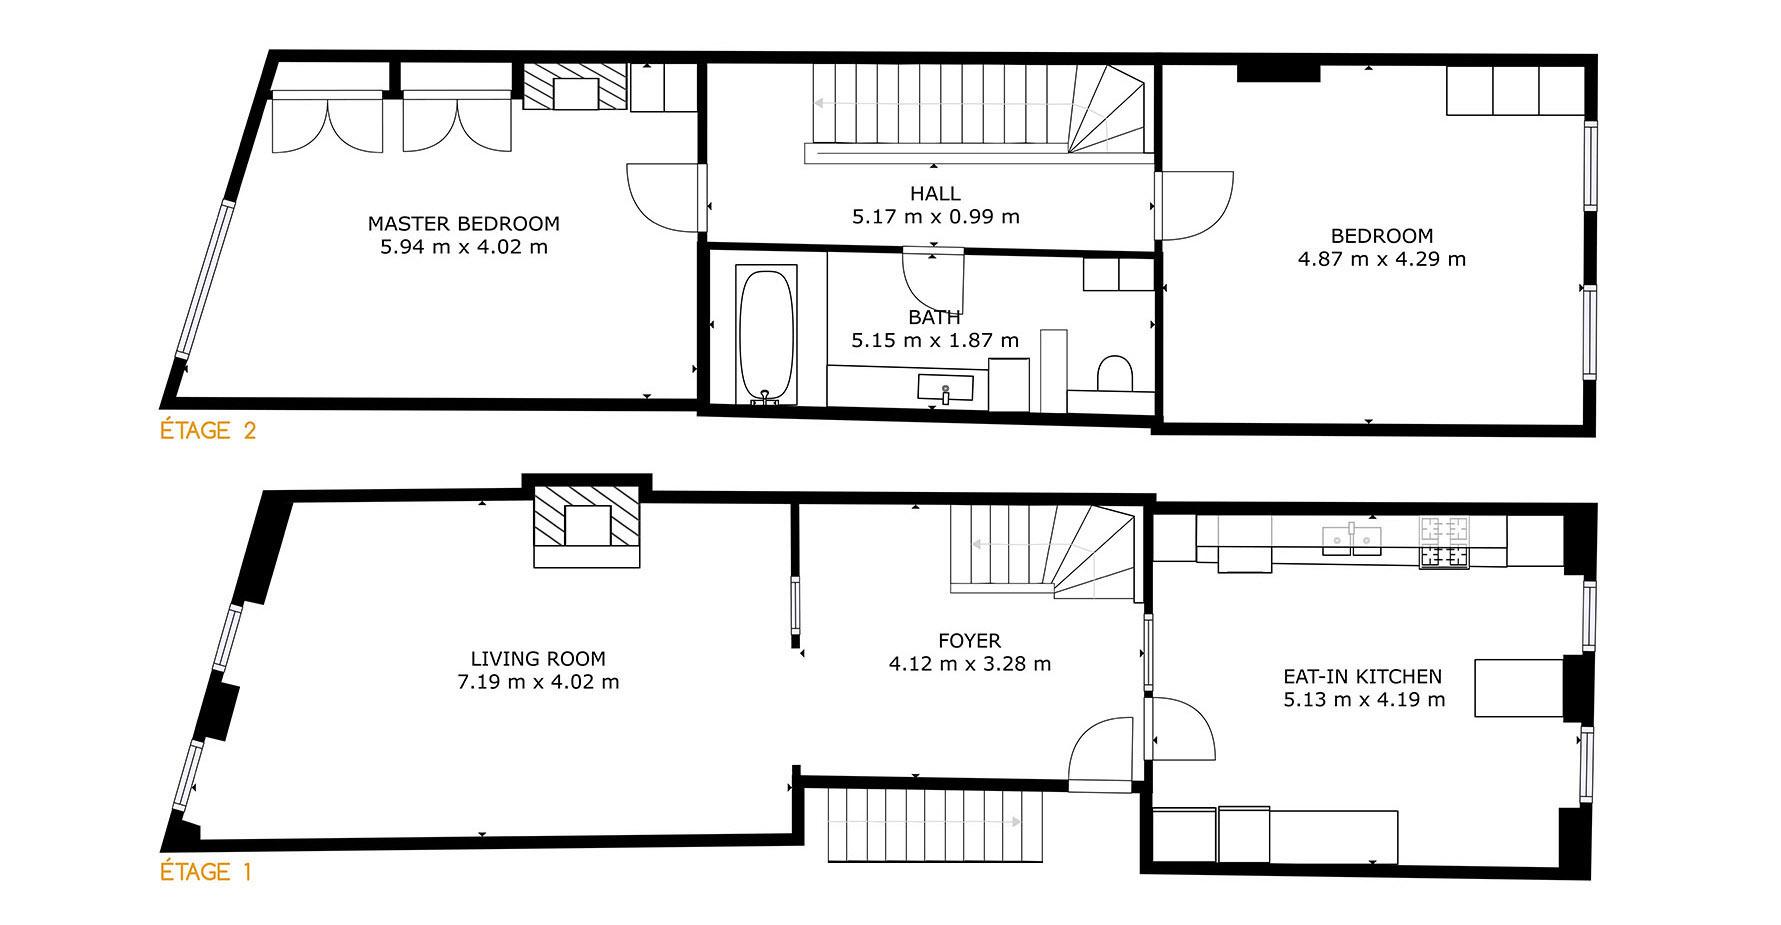 plan maison à vendre etage 1 et 2